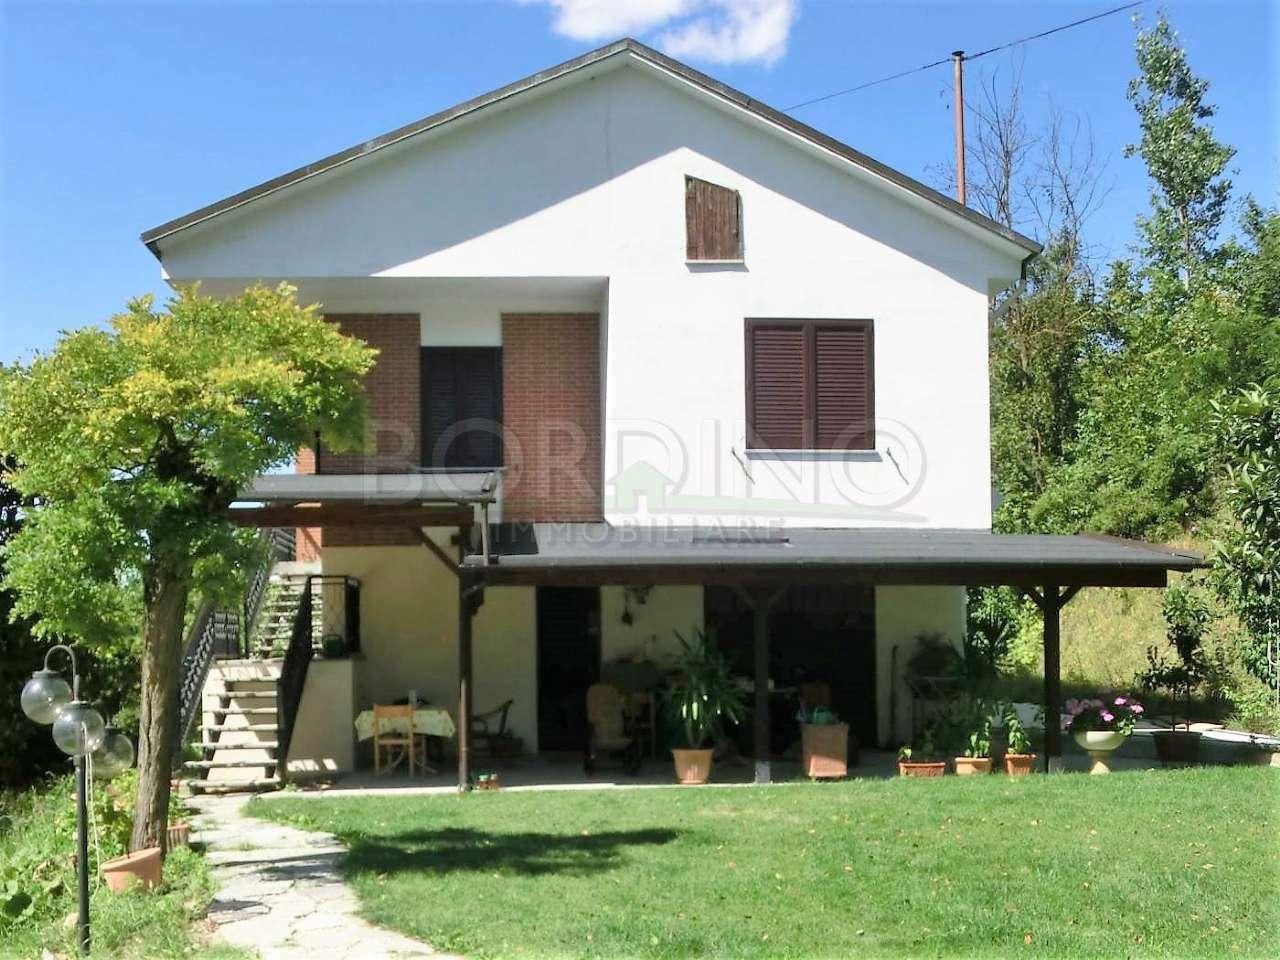 Villa in vendita a Neive, 4 locali, prezzo € 180.000 | PortaleAgenzieImmobiliari.it